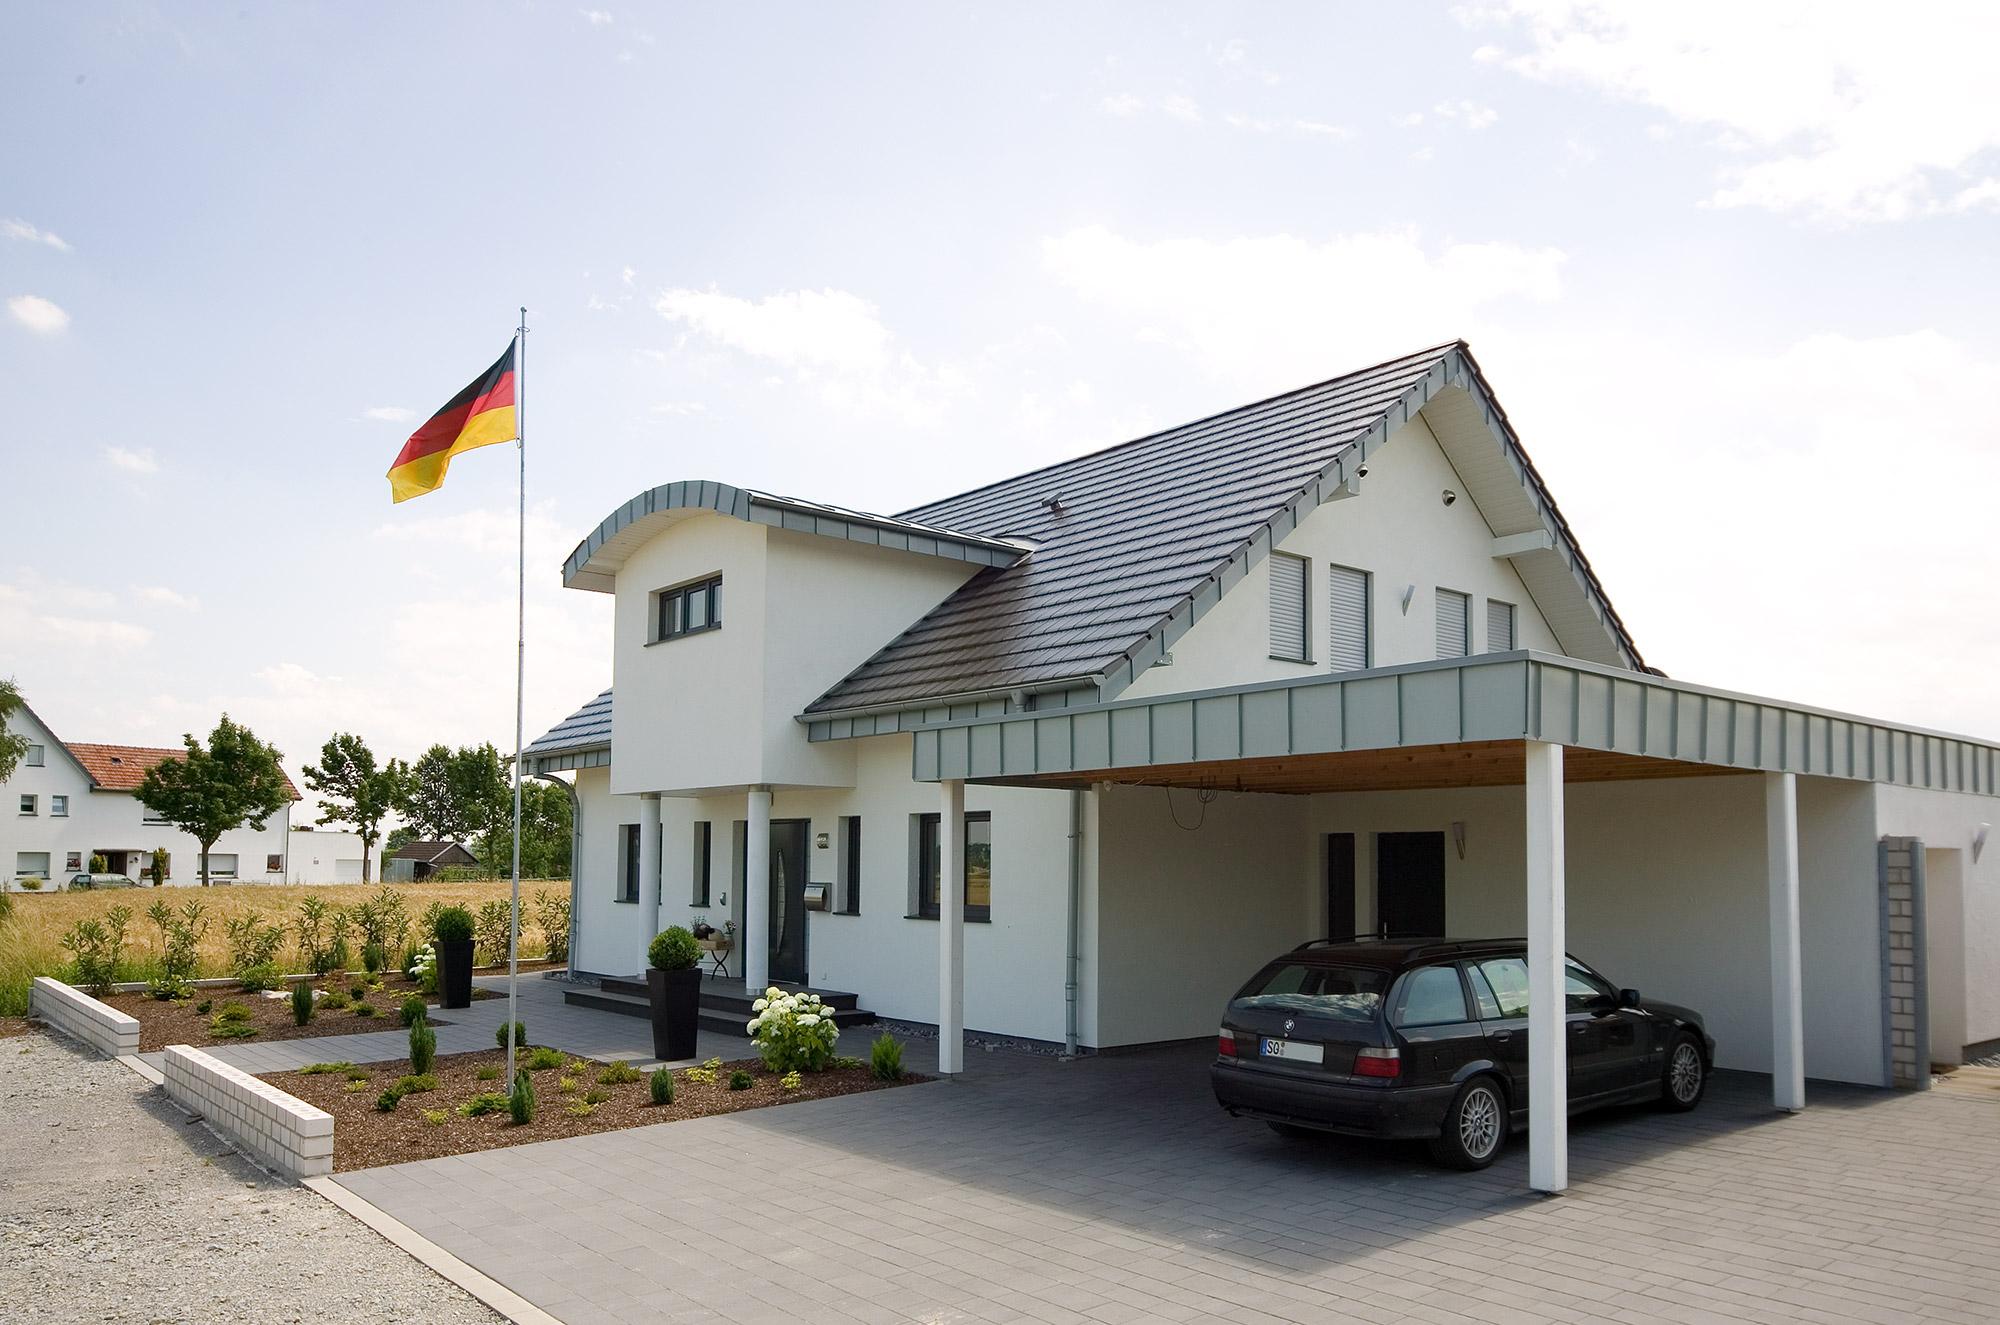 Hausbau im Kreis Soest